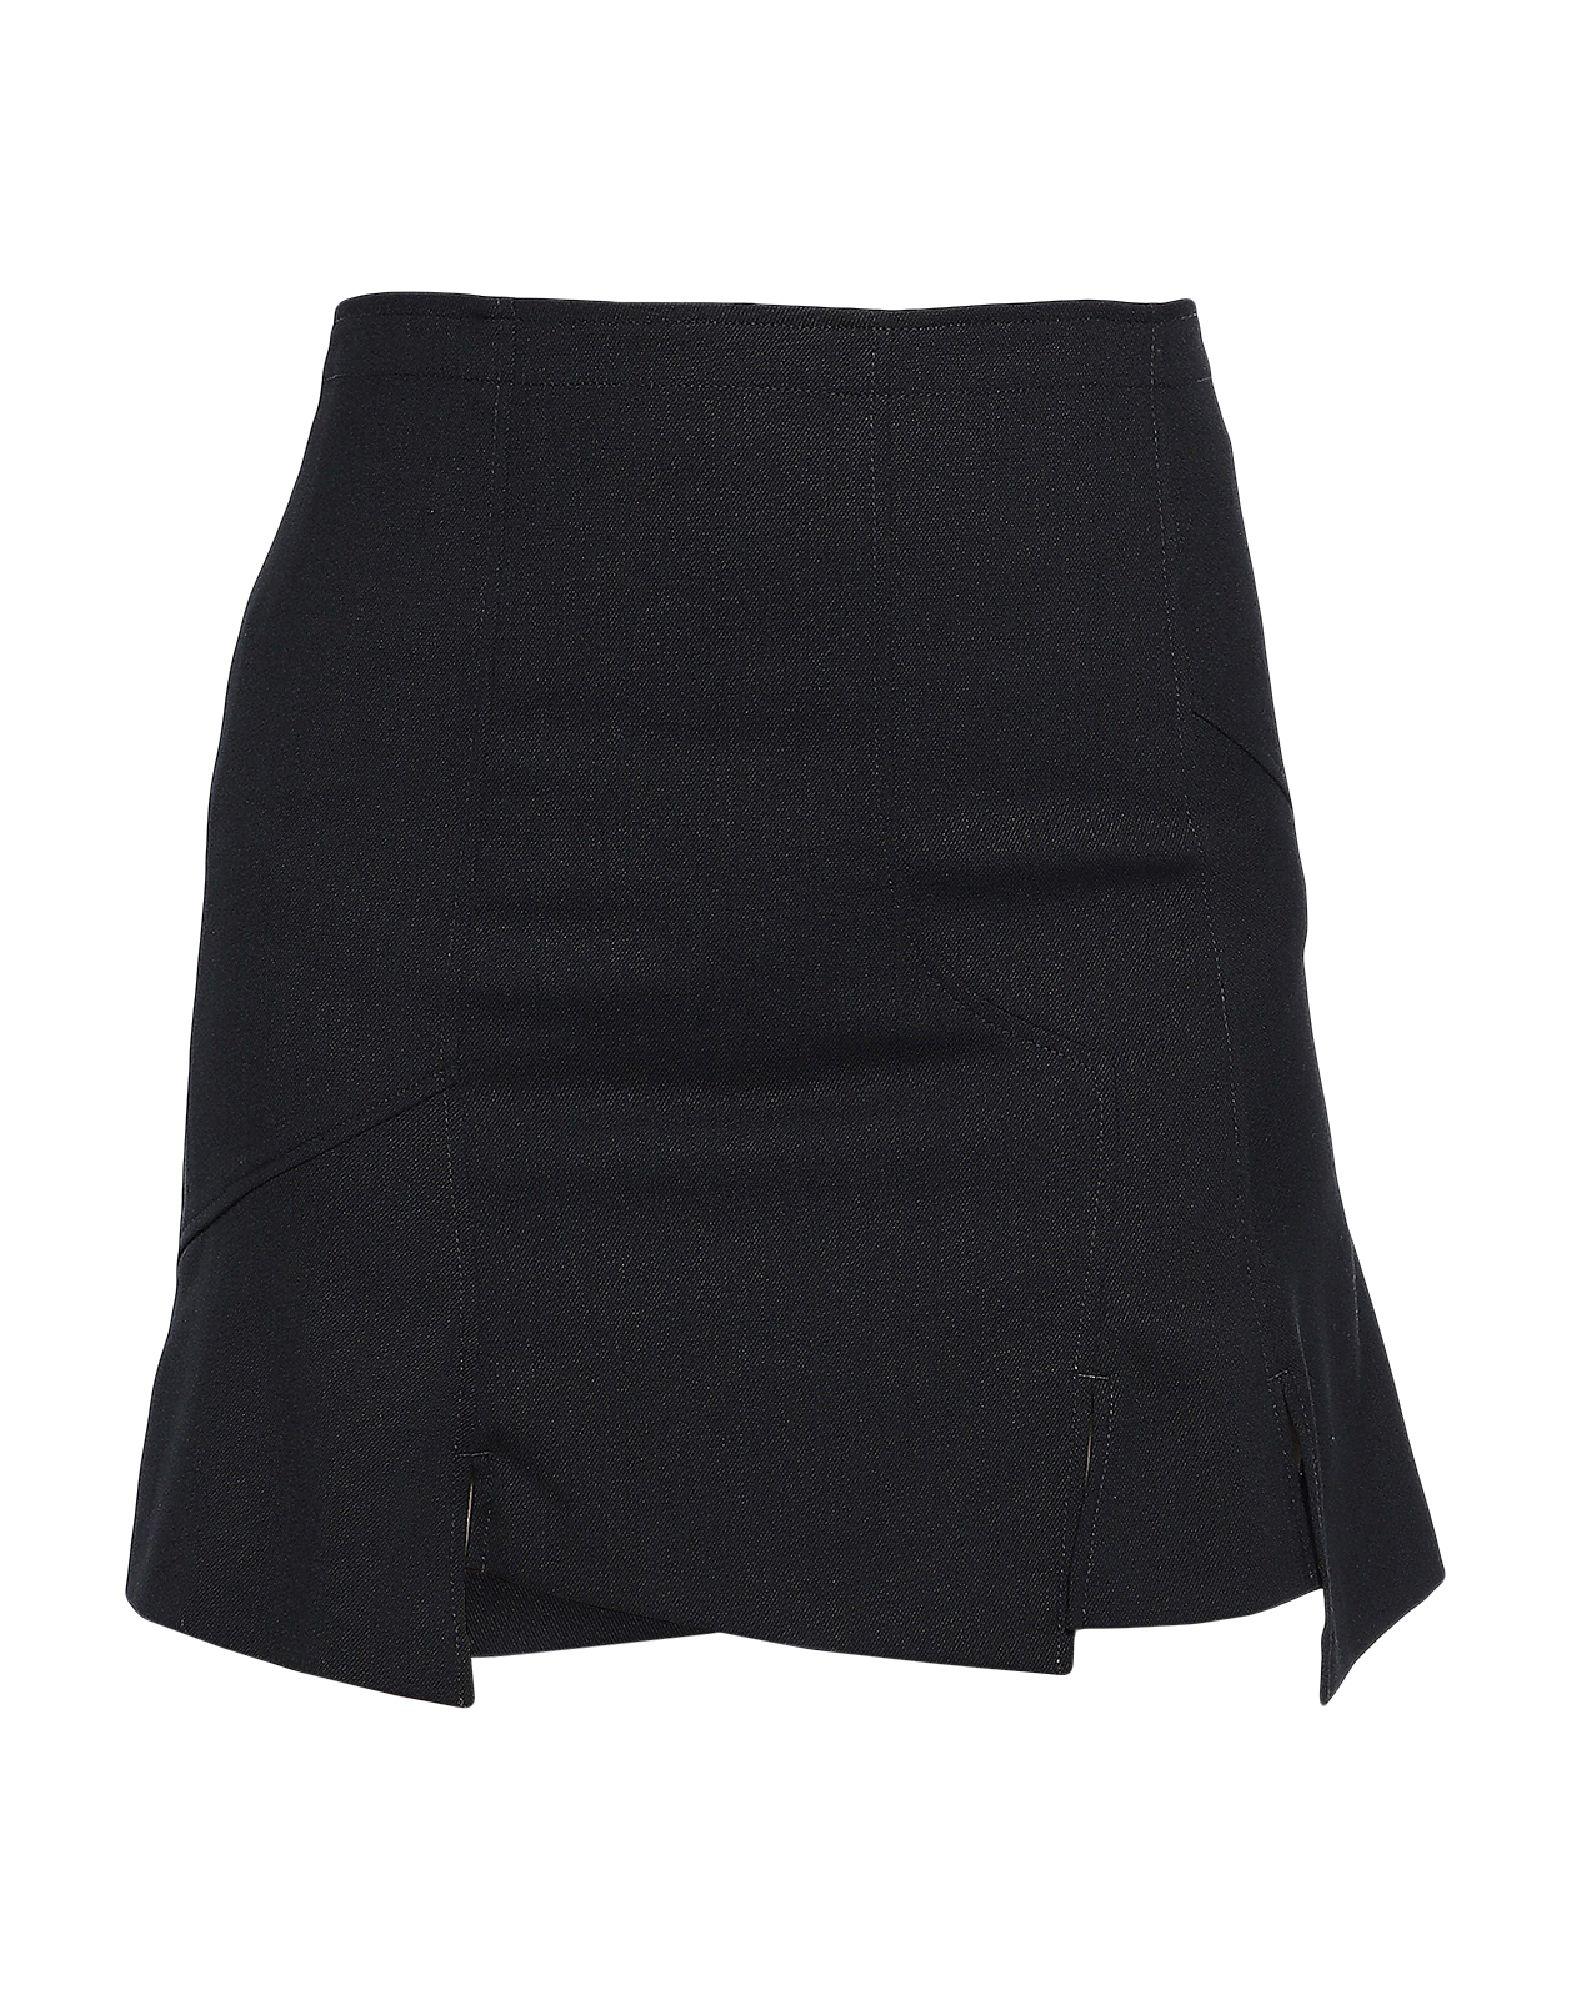 цены на McQ Alexander McQueen Юбка до колена в интернет-магазинах